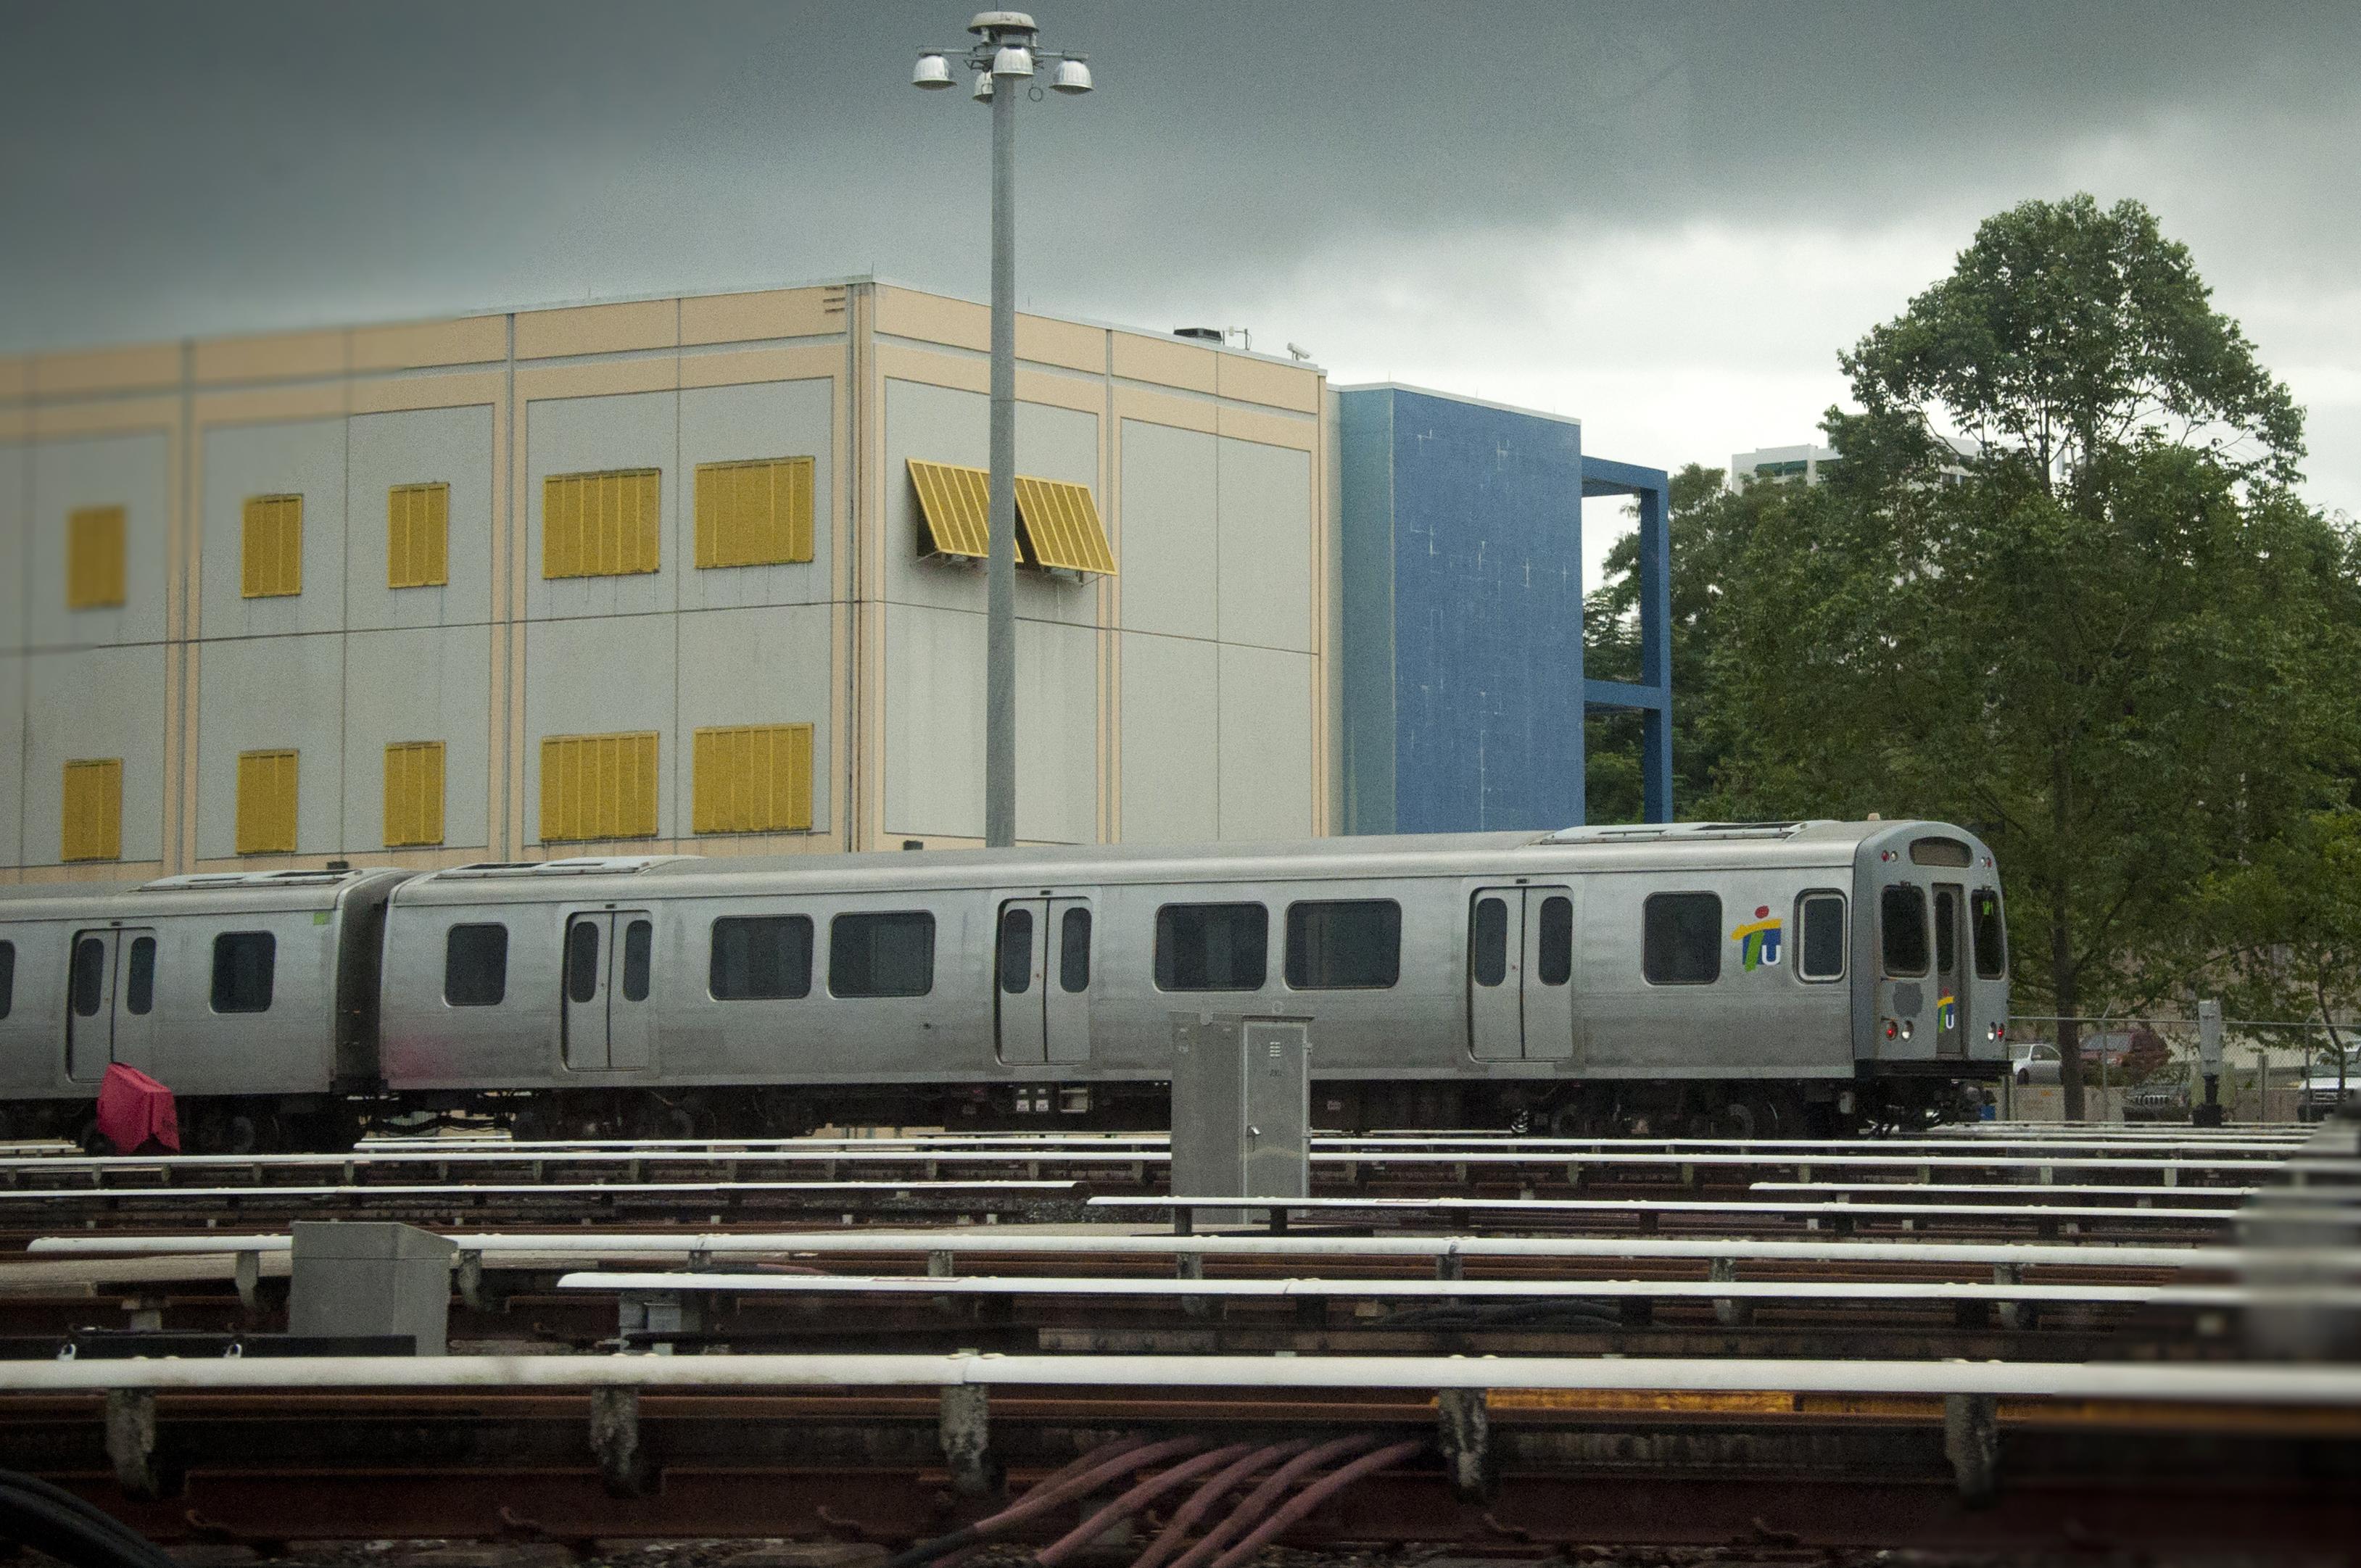 Tren Urbano Logo File:tren Urbano Maintenance